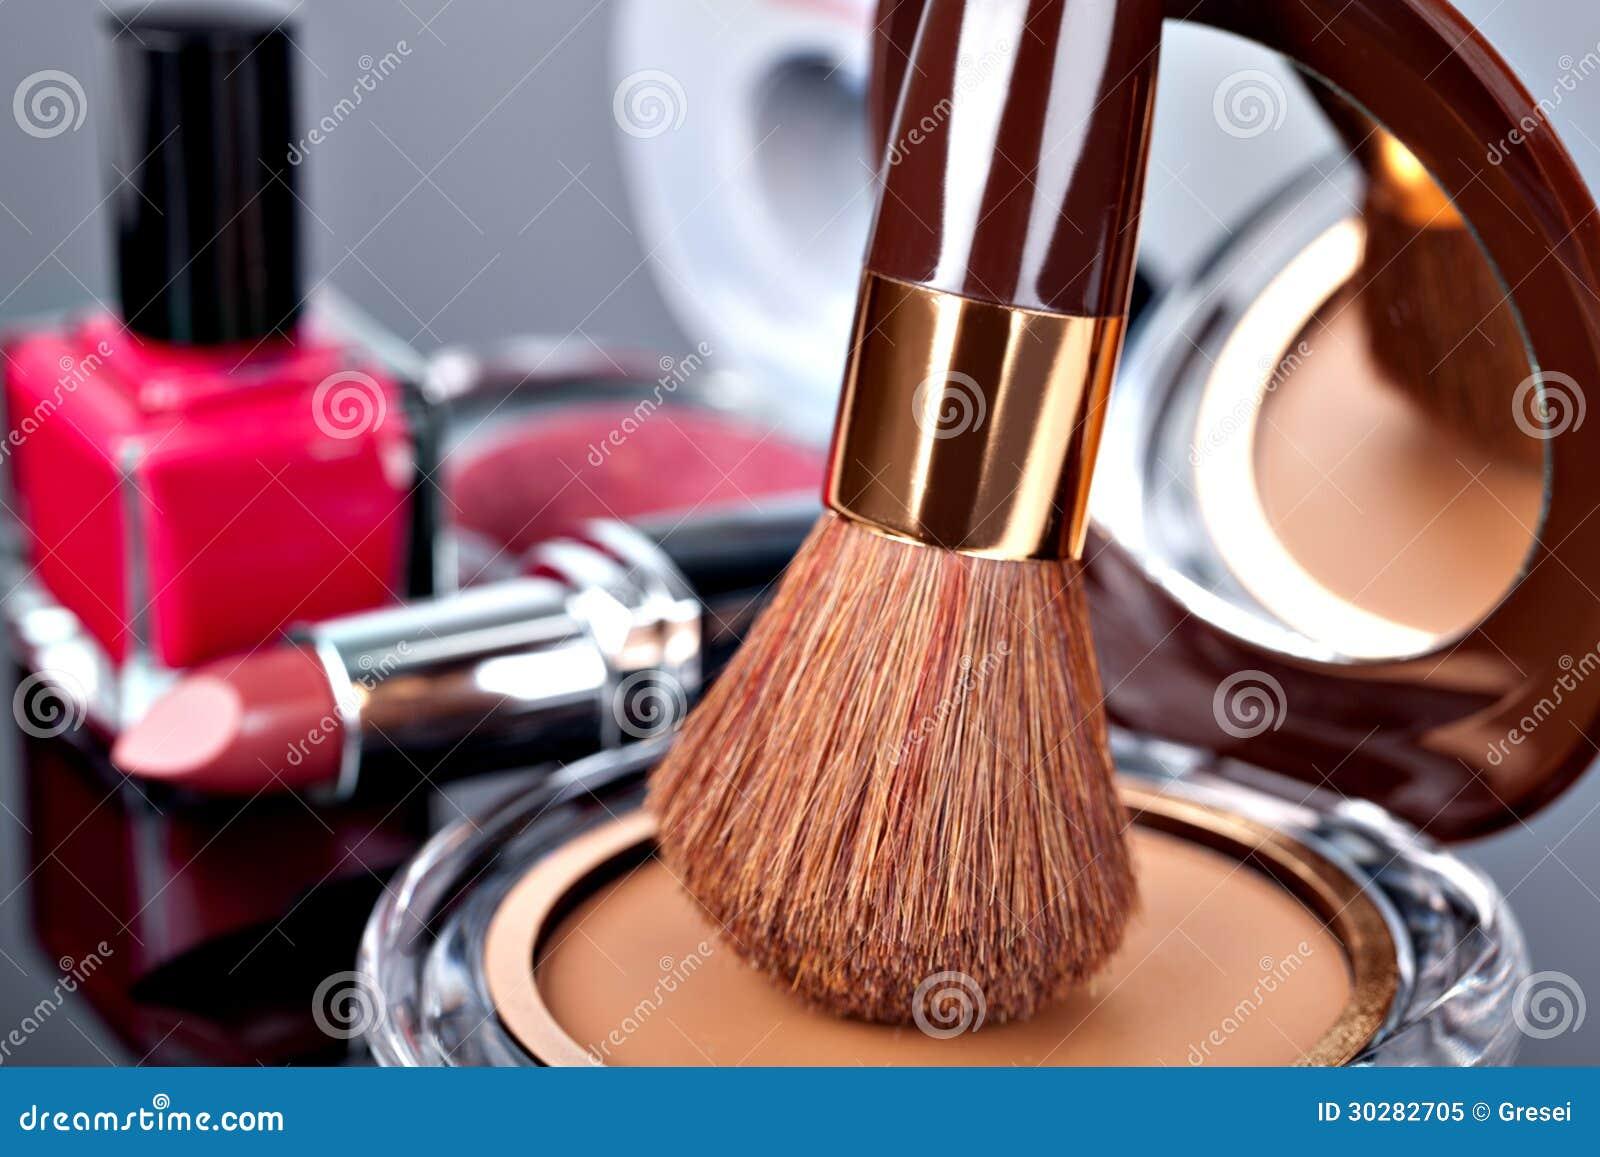 各种各样的化妆用品